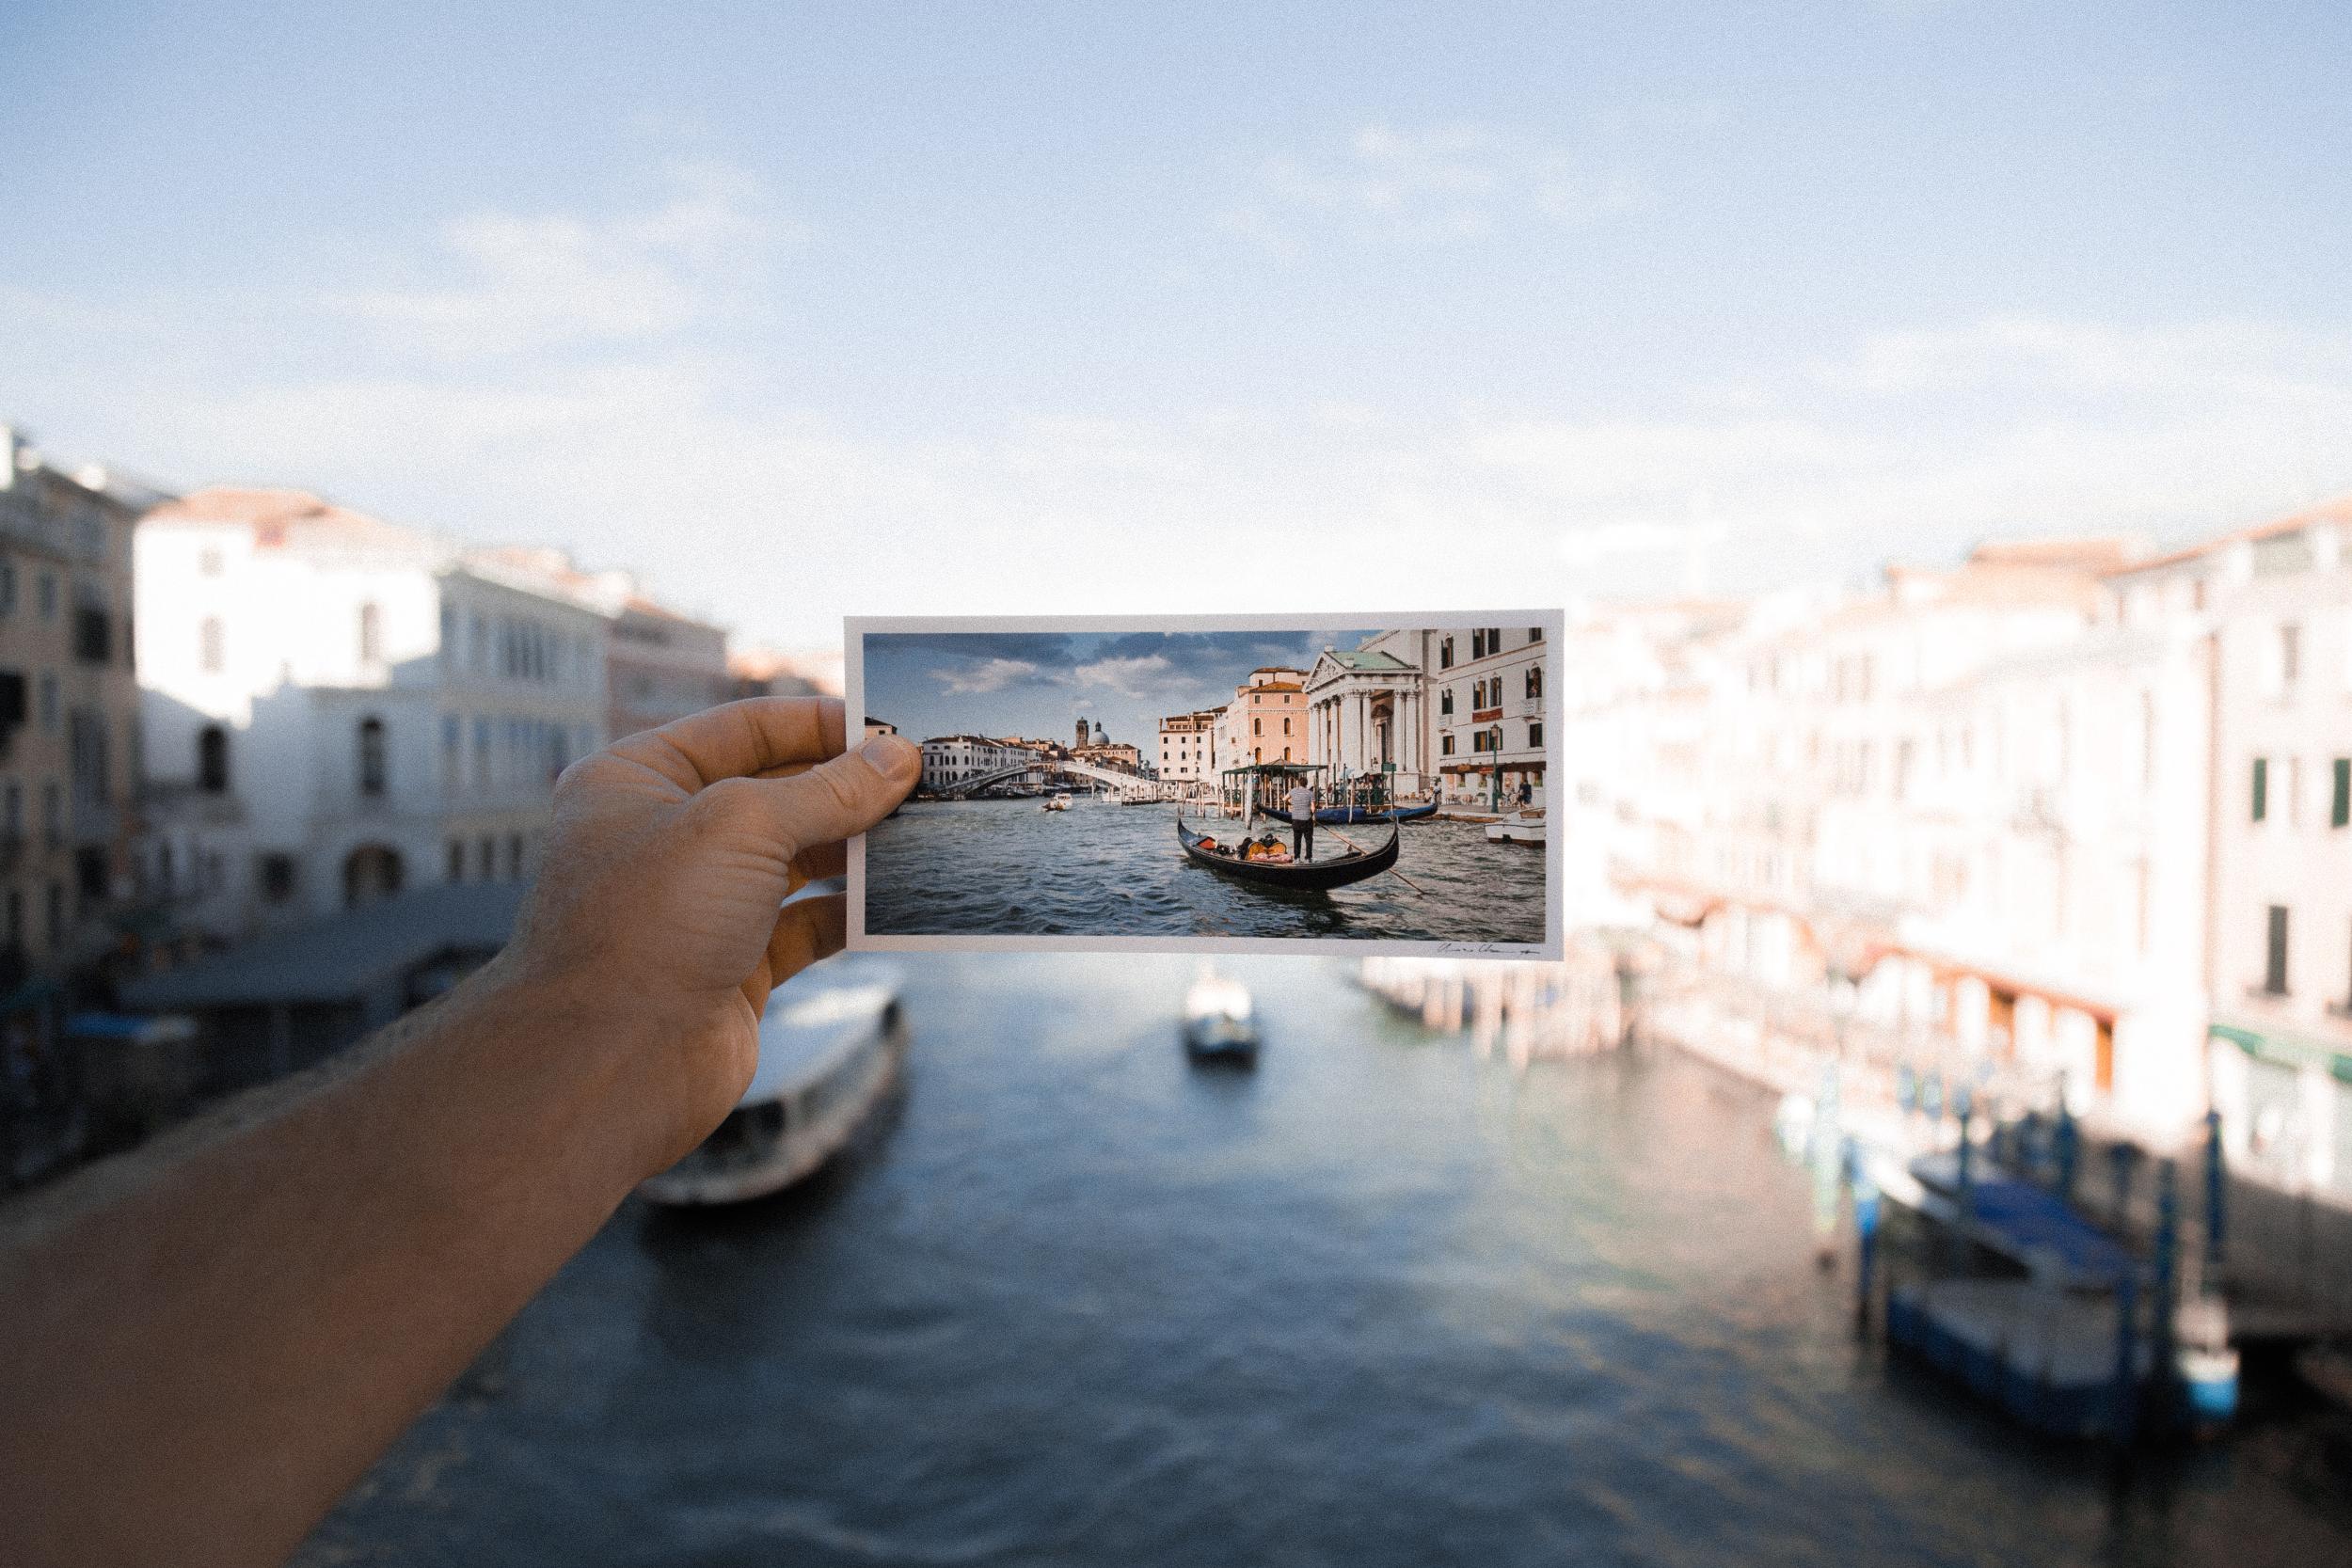 Urlaubserinnerungen zum Greifen nach - Urlaubsfotos kreativ in Szene setzen